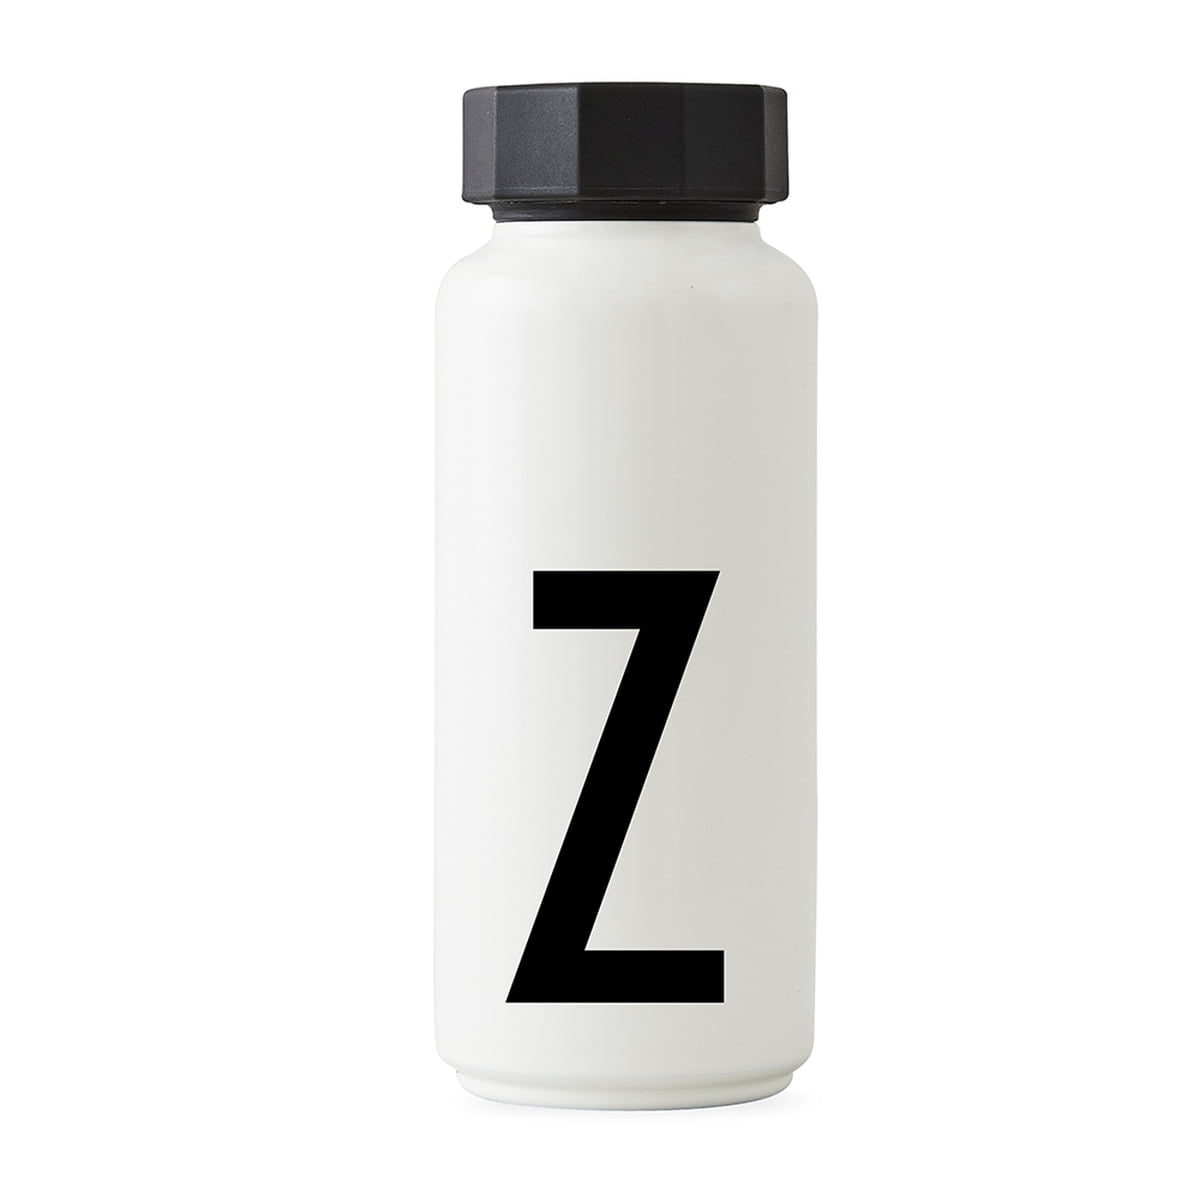 Design Letters - AJ Thermosflasche Z, weiß | Küche und Esszimmer > Besteck und Geschirr > Kannen und Wasserkessel | Design Letters